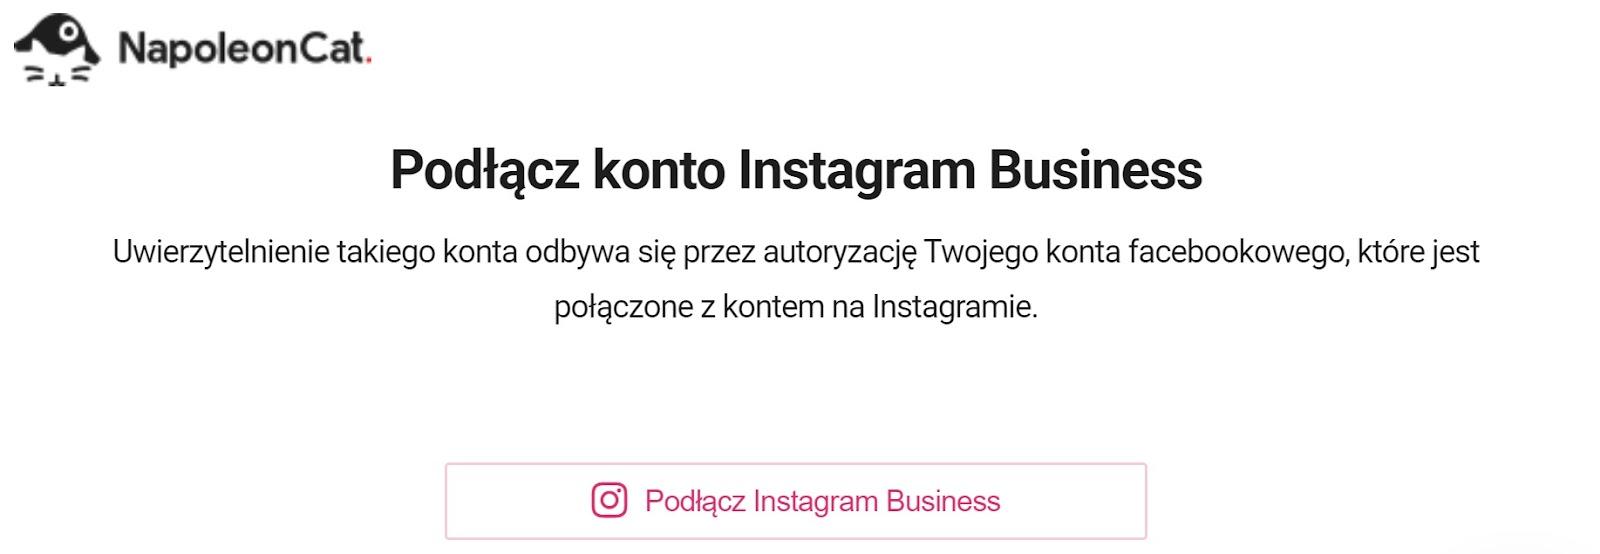 Podłącz konto Instagram Business w NapoleonCat